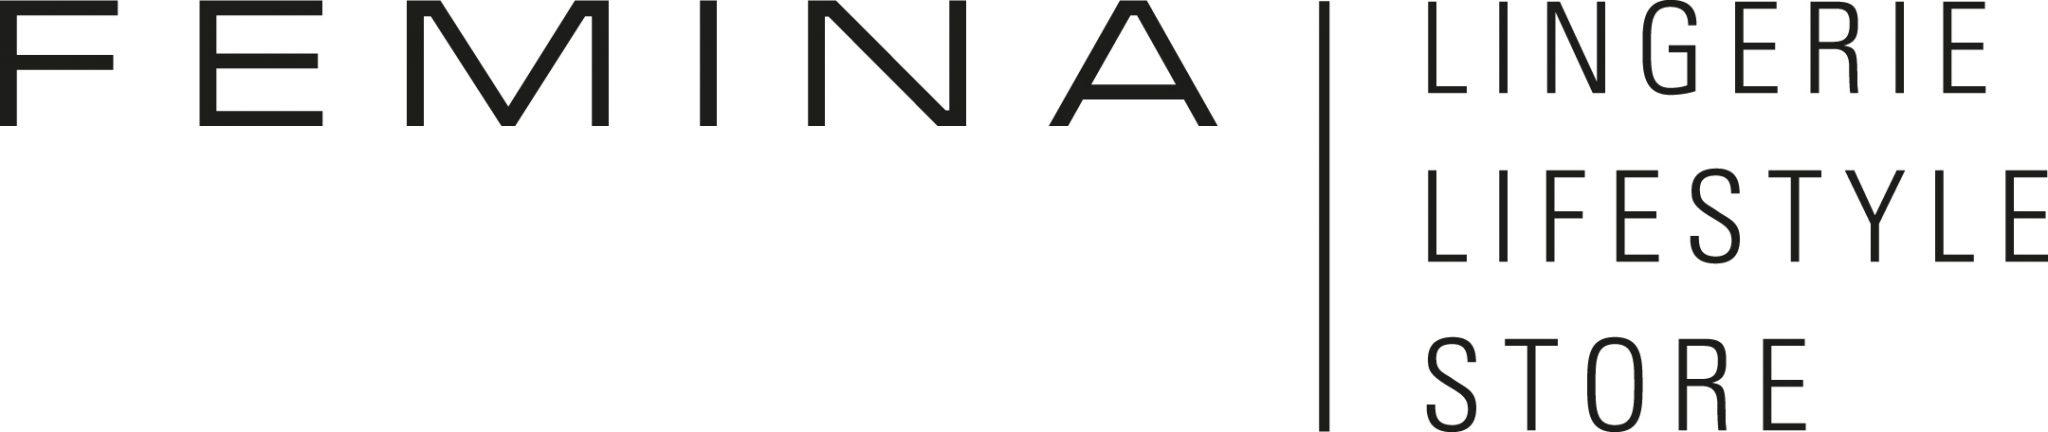 logo lingerie femina